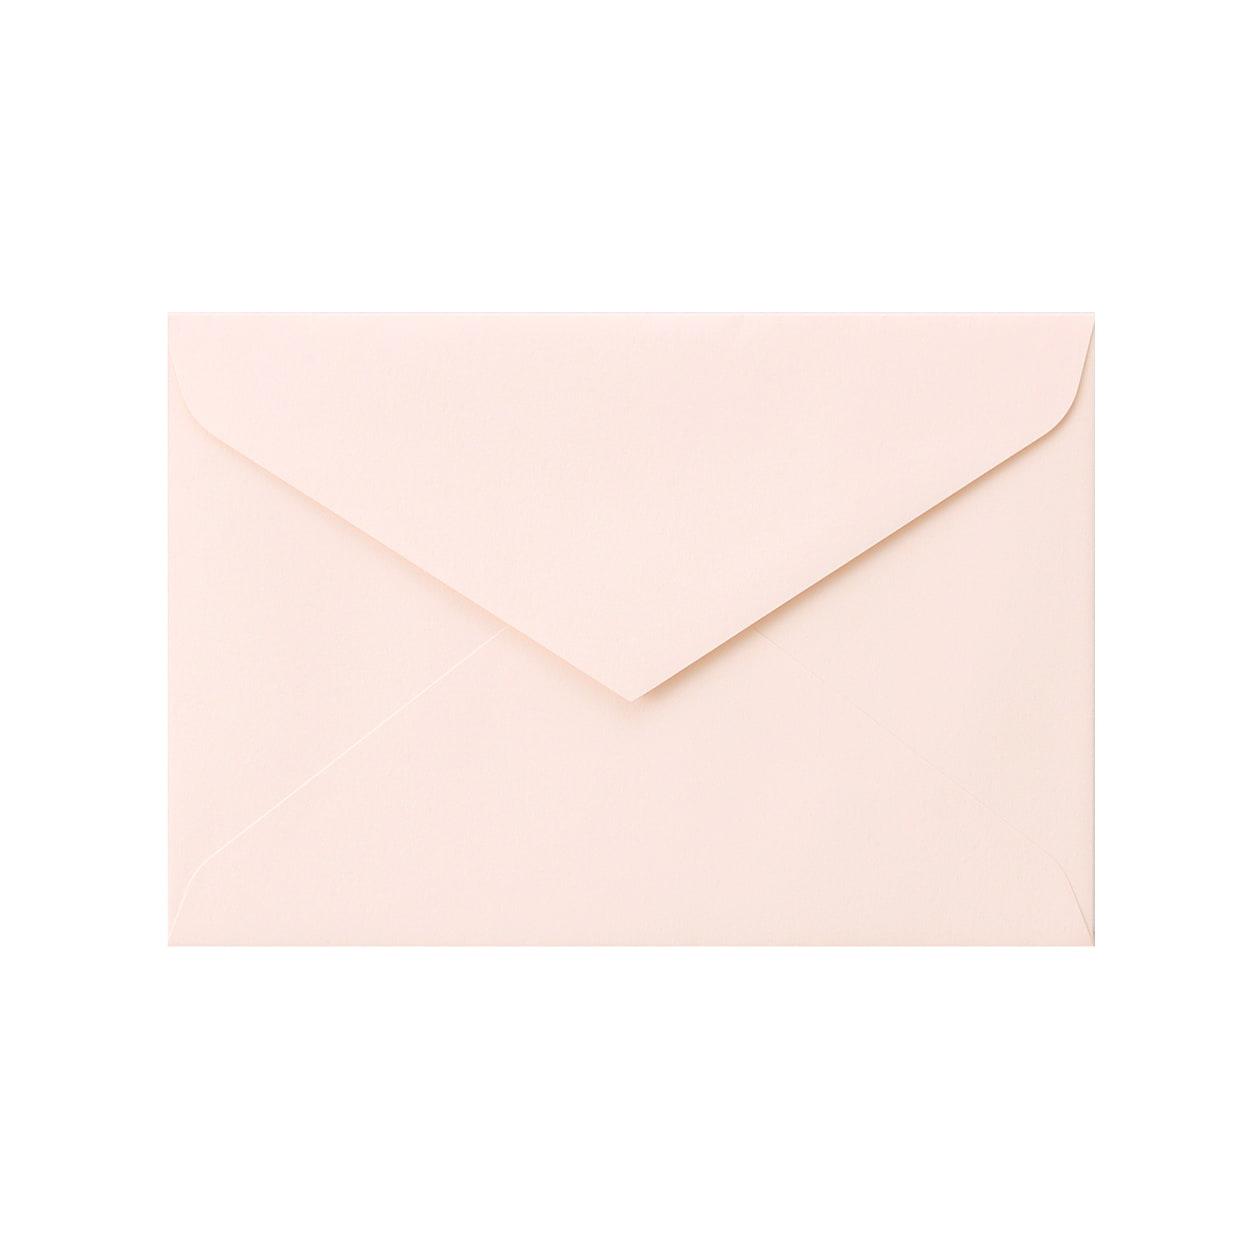 洋1ダイア封筒 コットン ピンク 116.3g